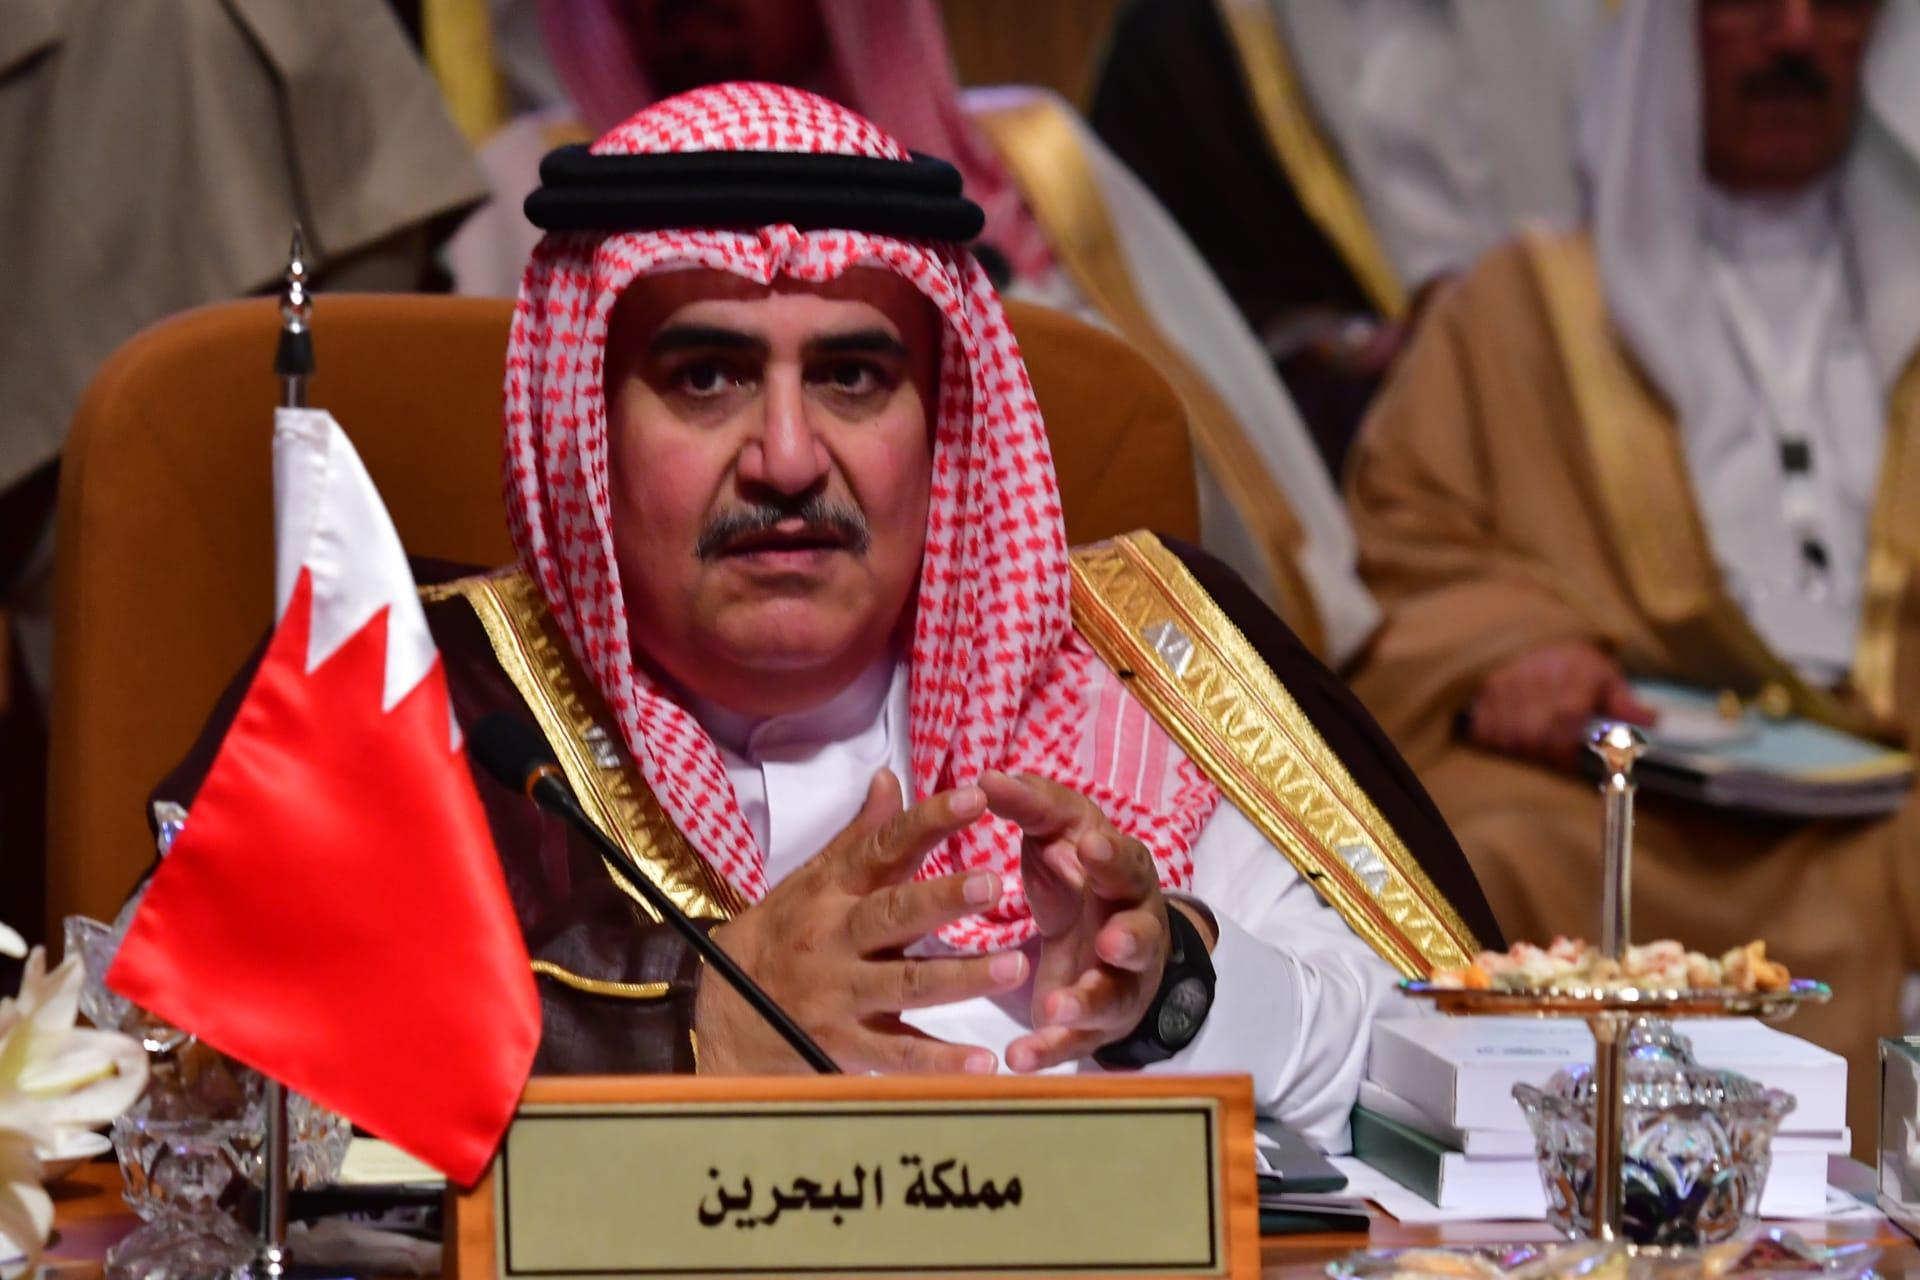 """مستشار ملك البحرين: إقامة علاقات مع إسرائيل """"رسالة مُشجعة"""" للسلام"""